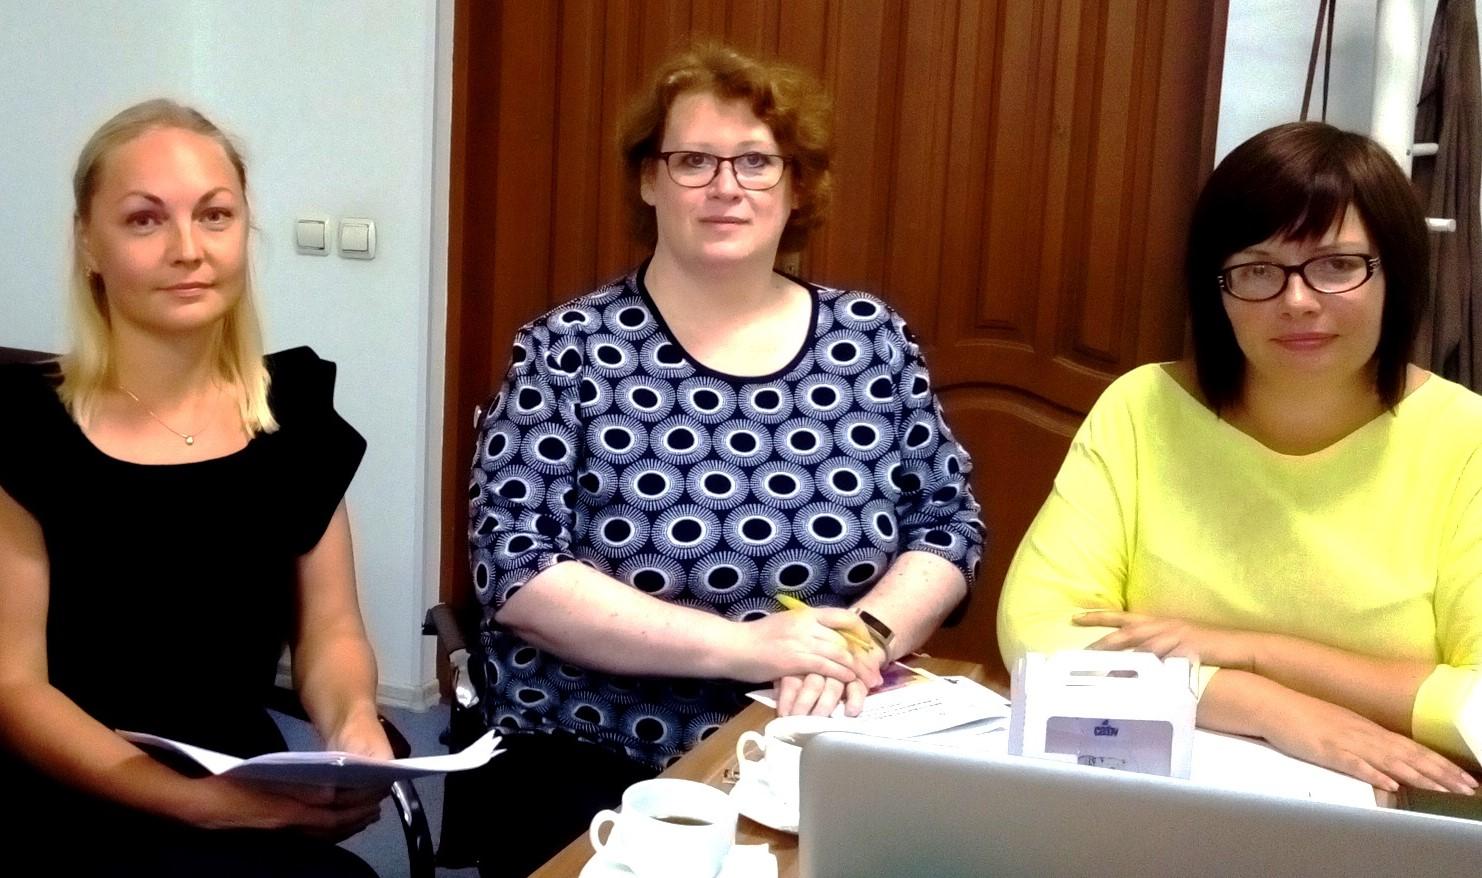 Вопросы трудовых прав и трудоустройства мигрантов стали ключевыми в рамках работы первой онлайн-школы САФУ